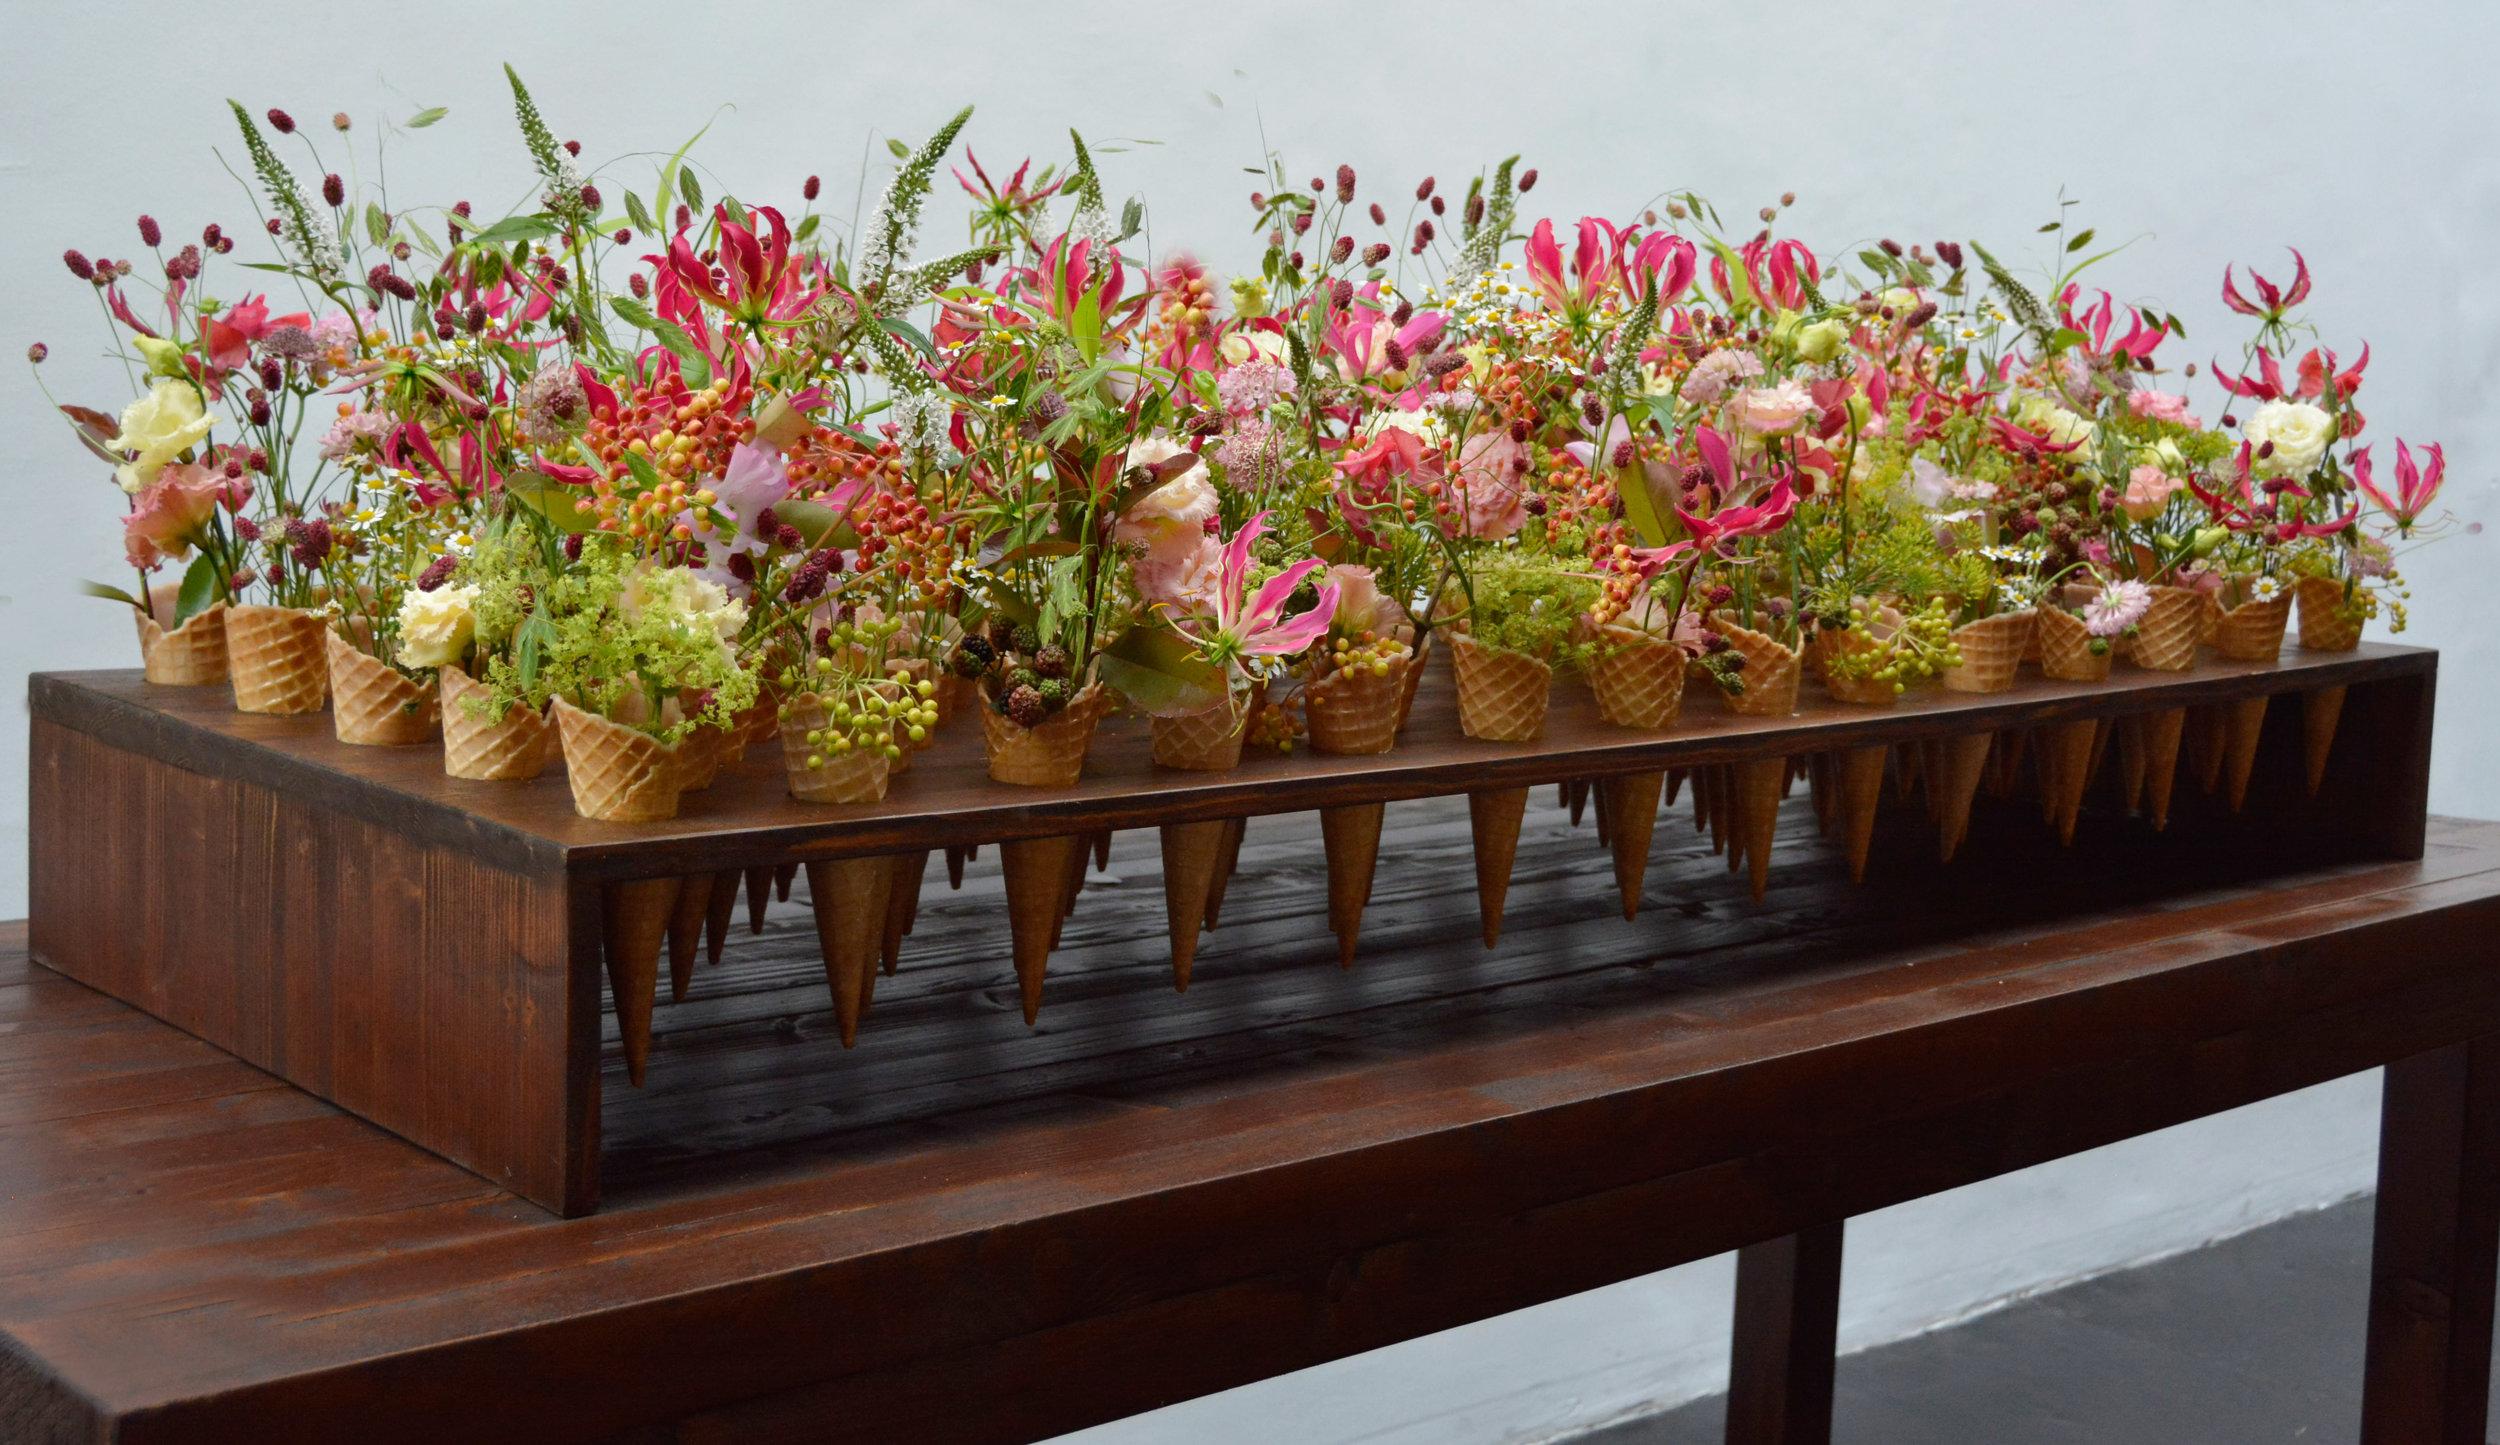 Bestnote erhielt Franziska Krebser aus Wil/CH für ihren Tischschmuck aus 70 floral befüllten Eiswaffeln – unbedarft und fröhlich wirkte die Blütenfüllung, der man den gestalterischen und technischen Kraftakt nicht mehr ansah.